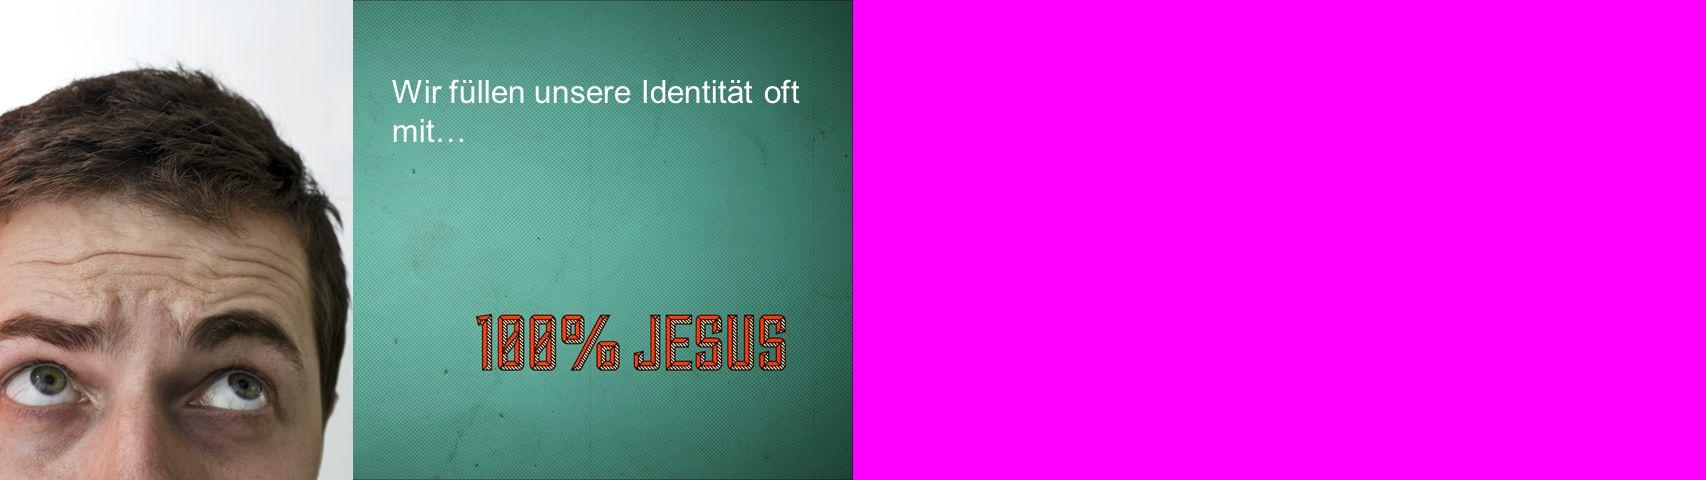 Wir füllen unsere Identität oft mit…